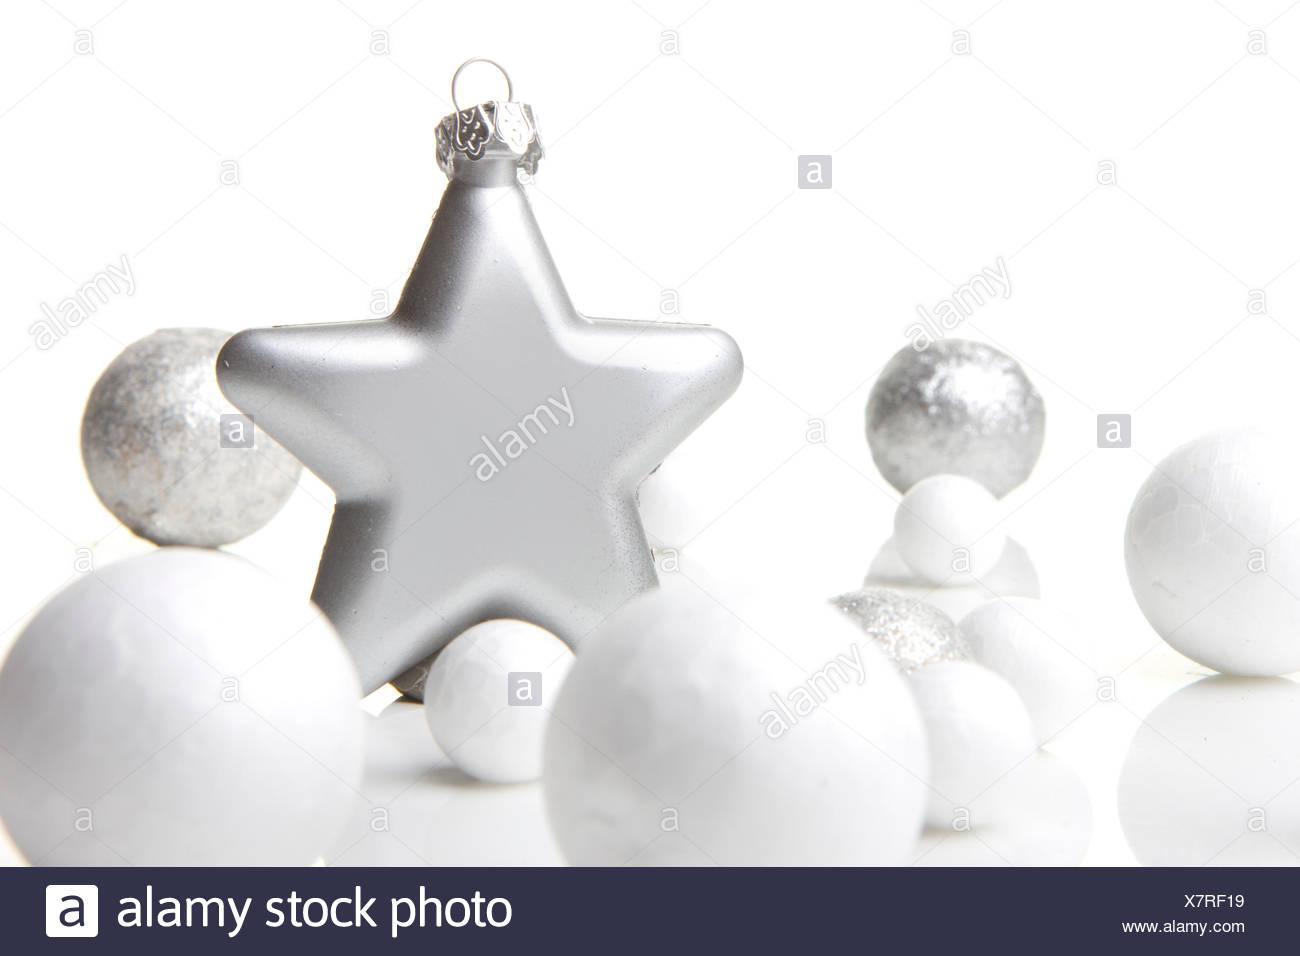 Weihnachtskugeln Weiß Silber.Weihnachten Dekoration Weihnachtskugel Silber Und Weiß Mit Stern